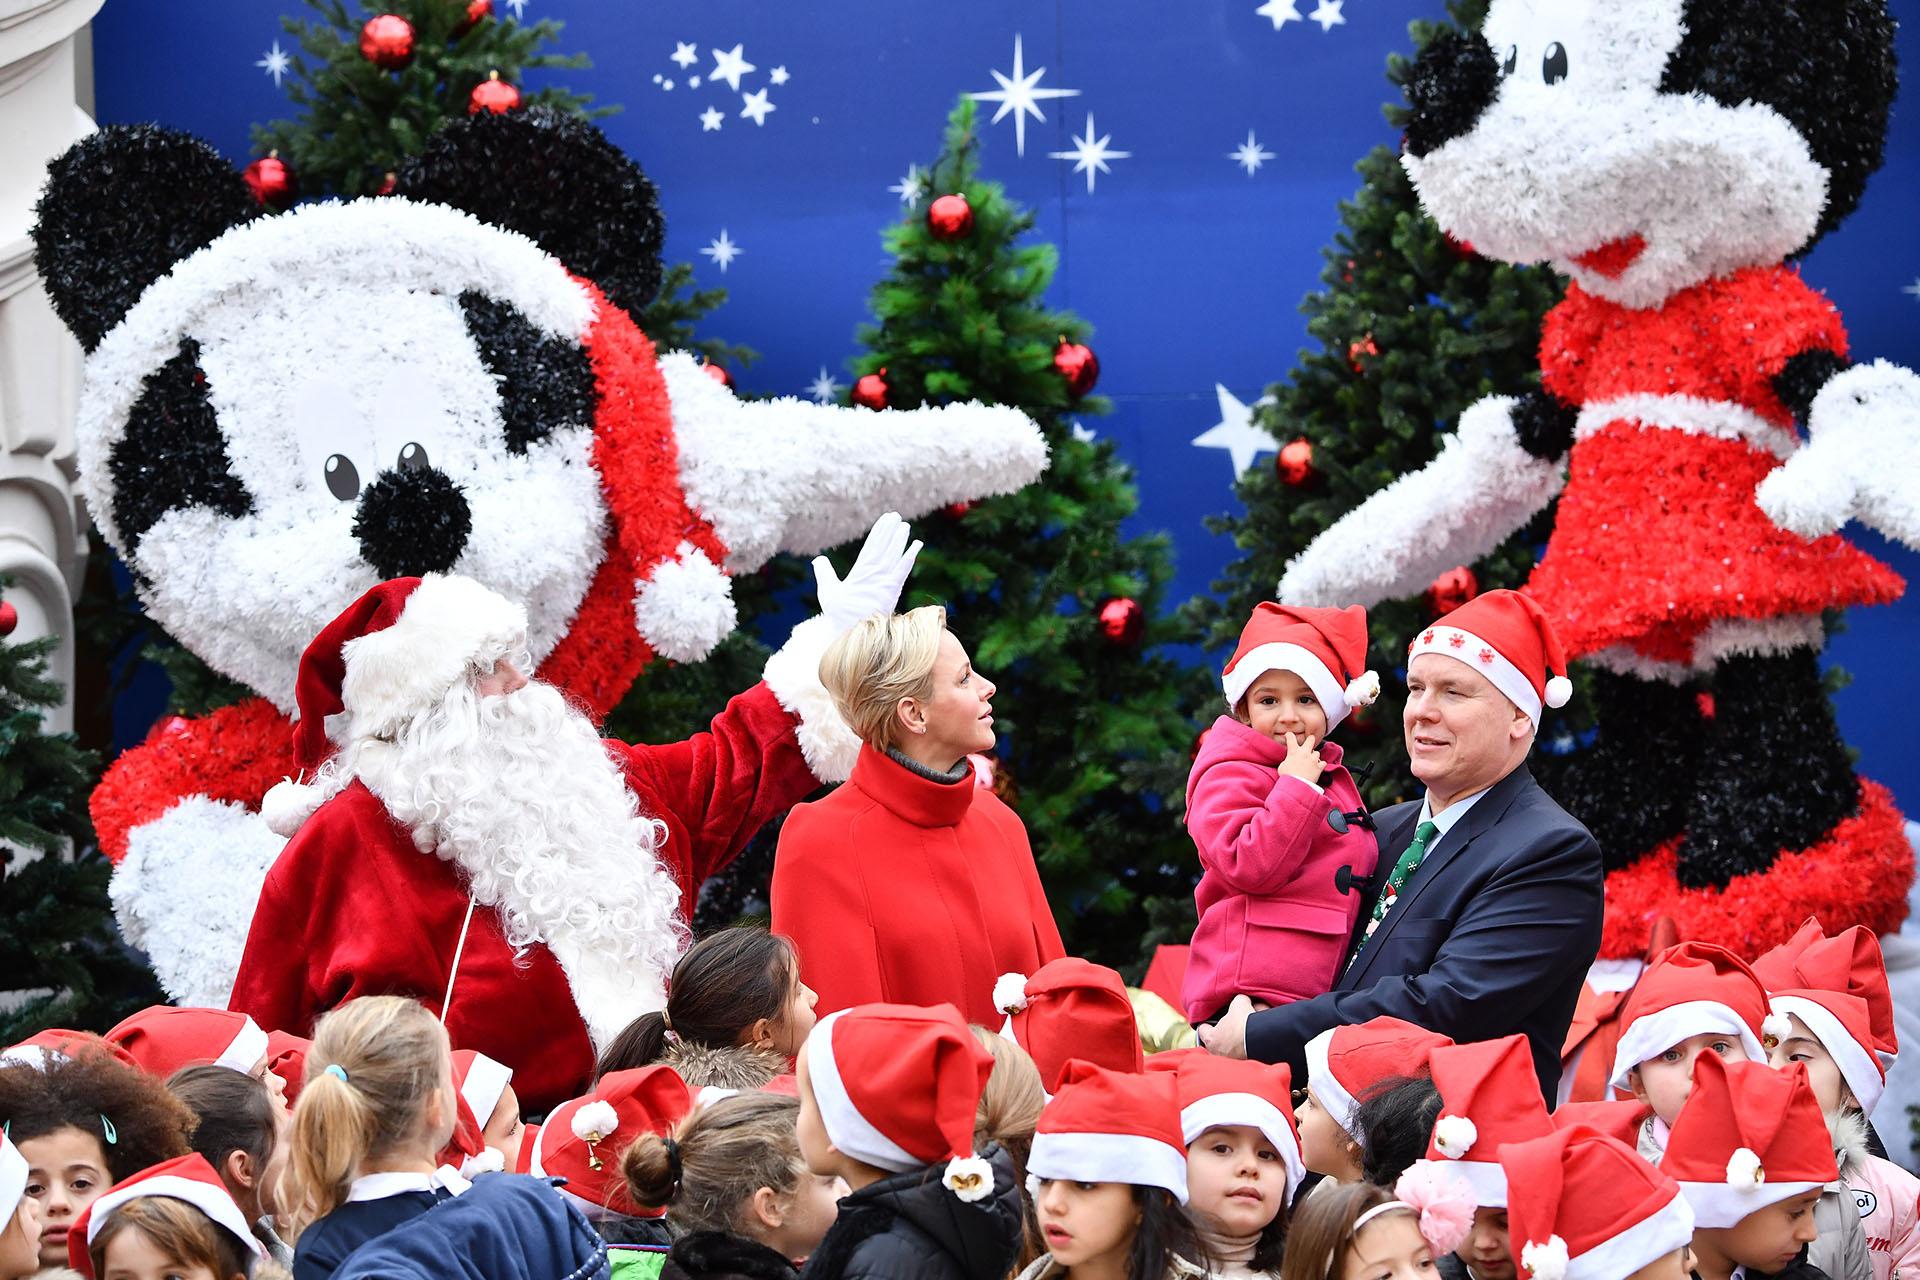 La pareja real ayudó a Papá Noel a repartir los regalos y a entretener a los pequeños invitados